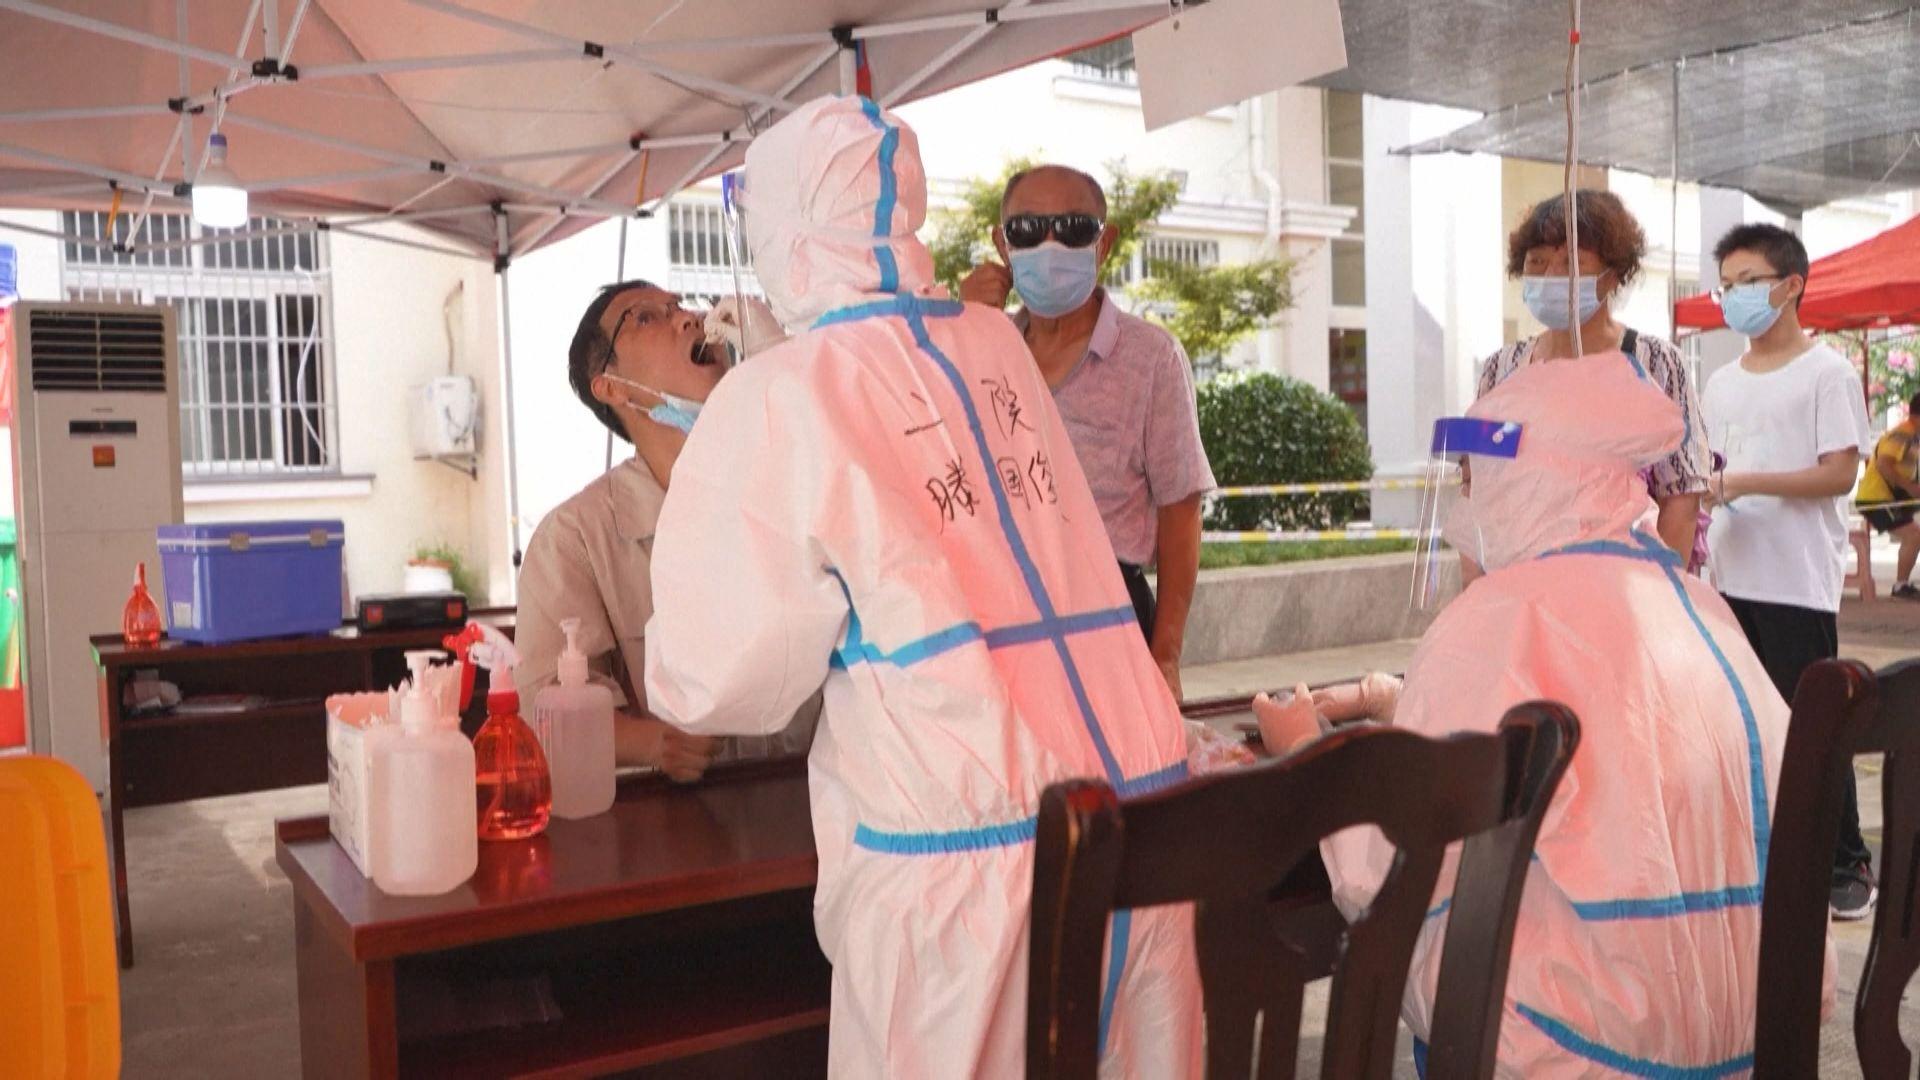 廣州要求入境人士完成集中隔離後繼續居家隔離七日